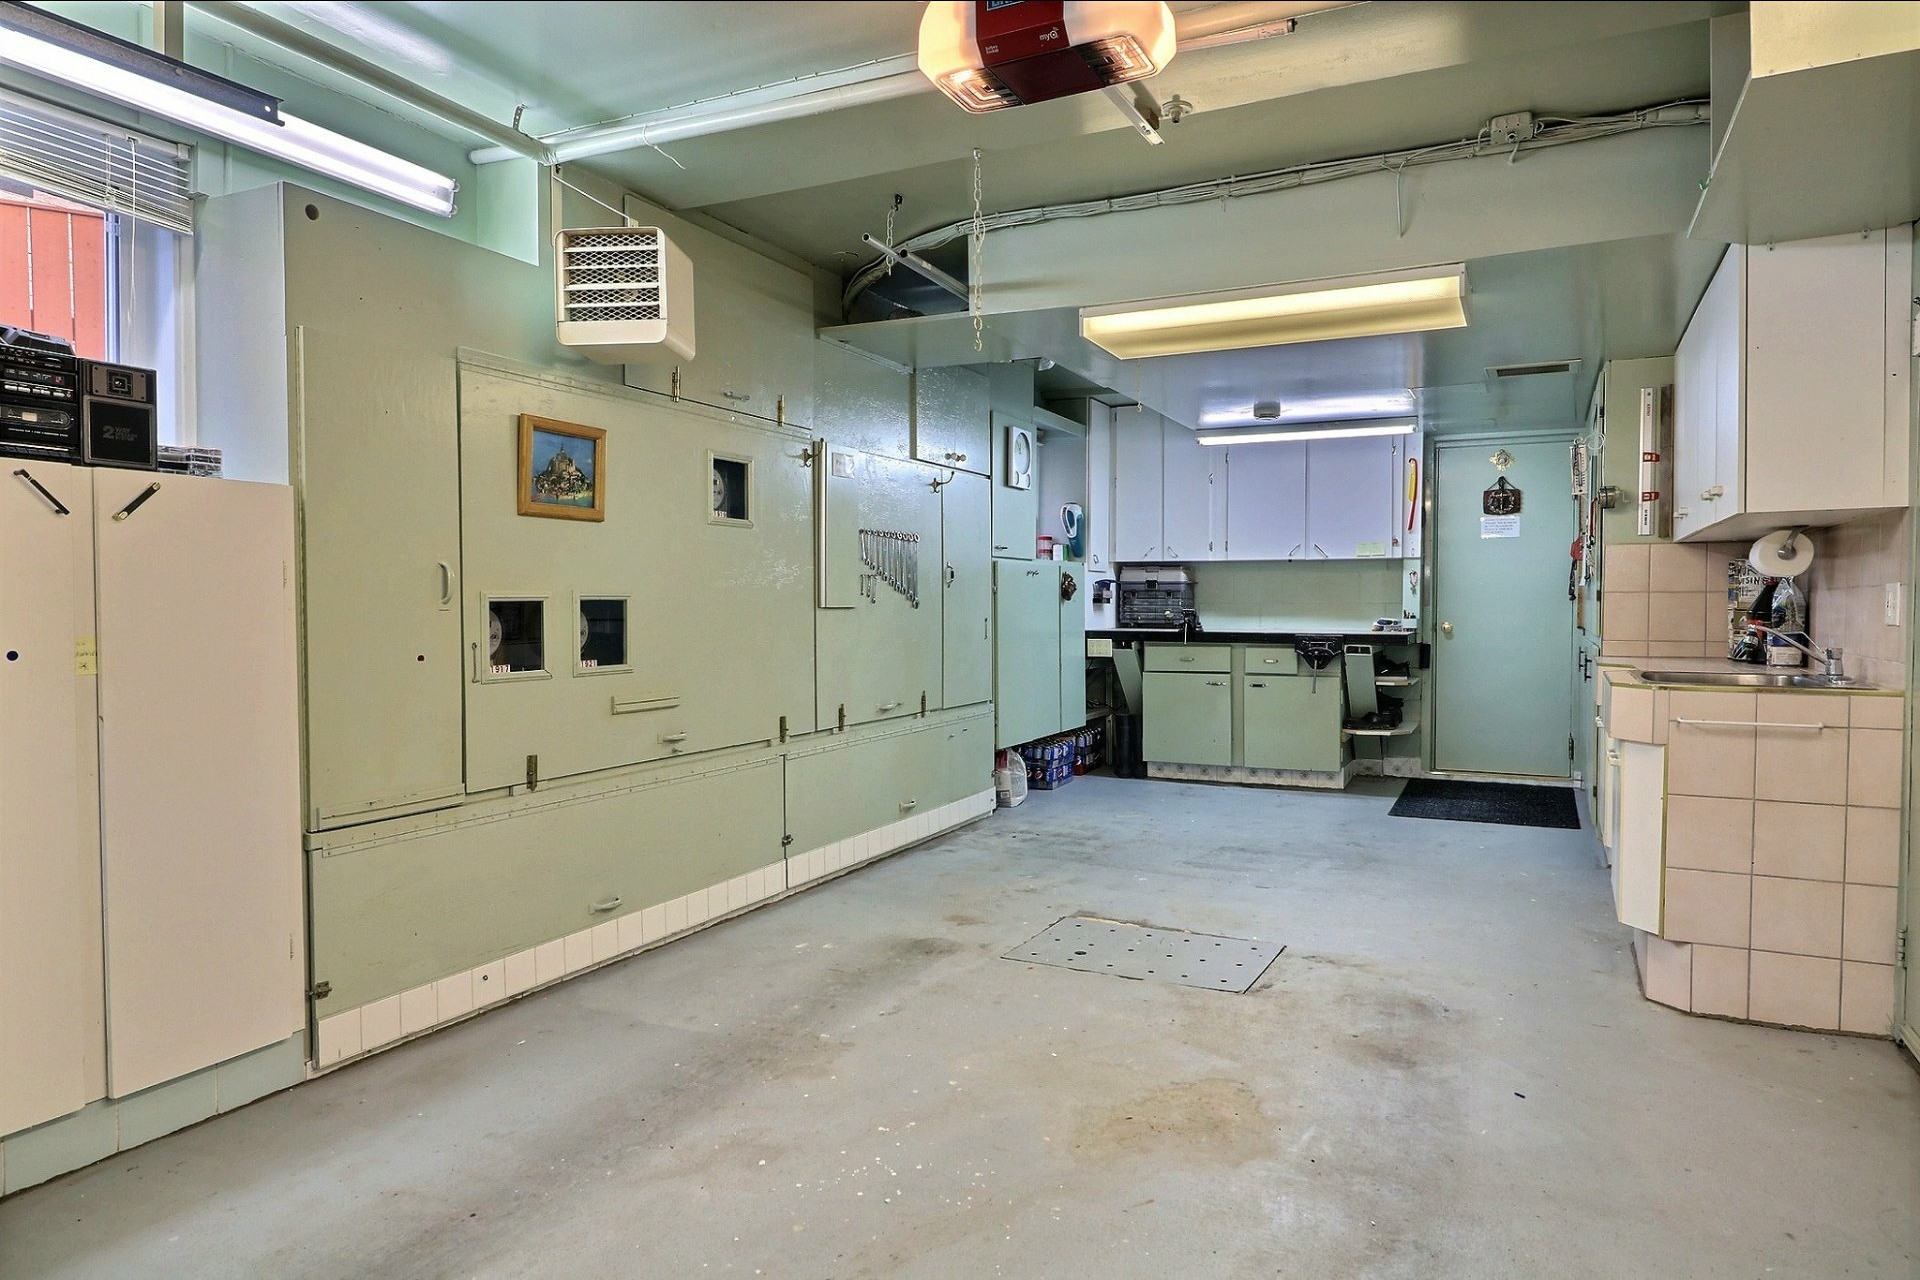 image 29 - Triplex For sale Laval Vimont  - 6 rooms